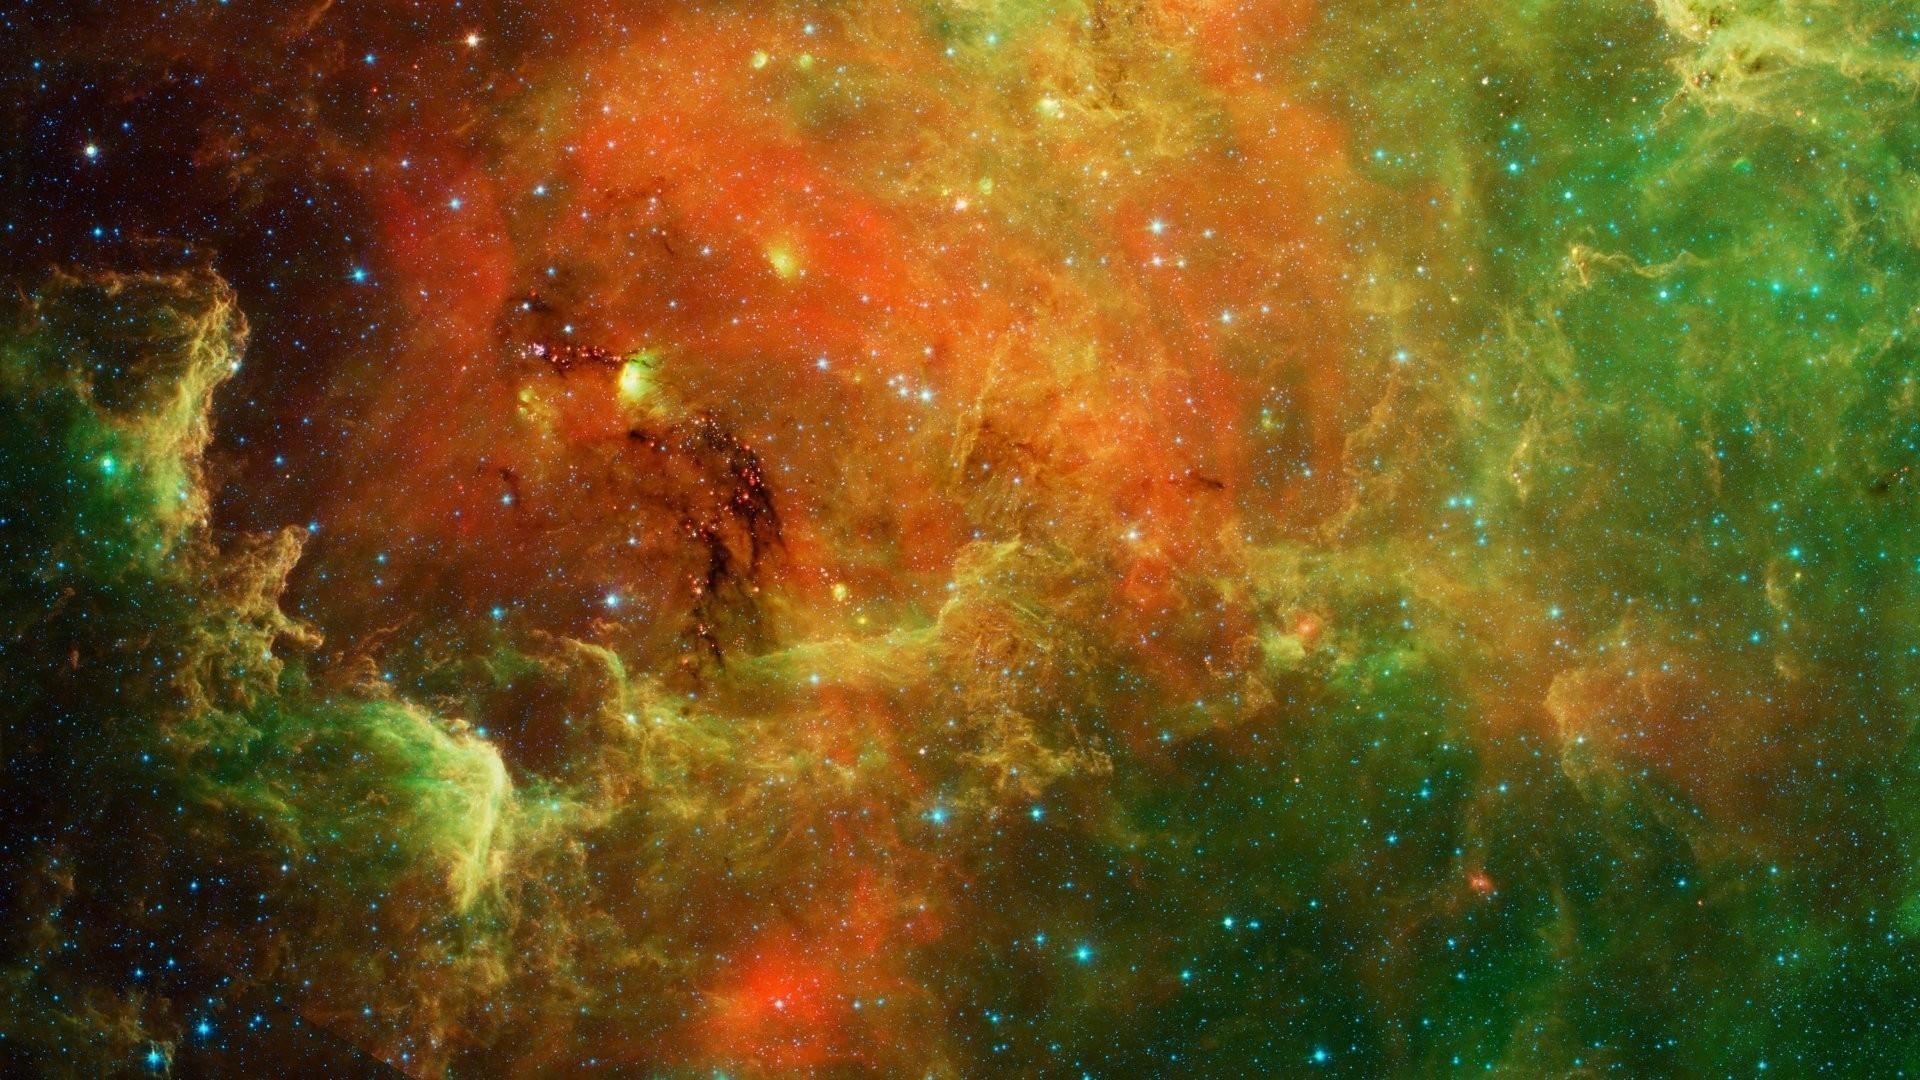 wallpaper.wiki-HD-Hubble-Photo-1920×1080-PIC-WPD002258